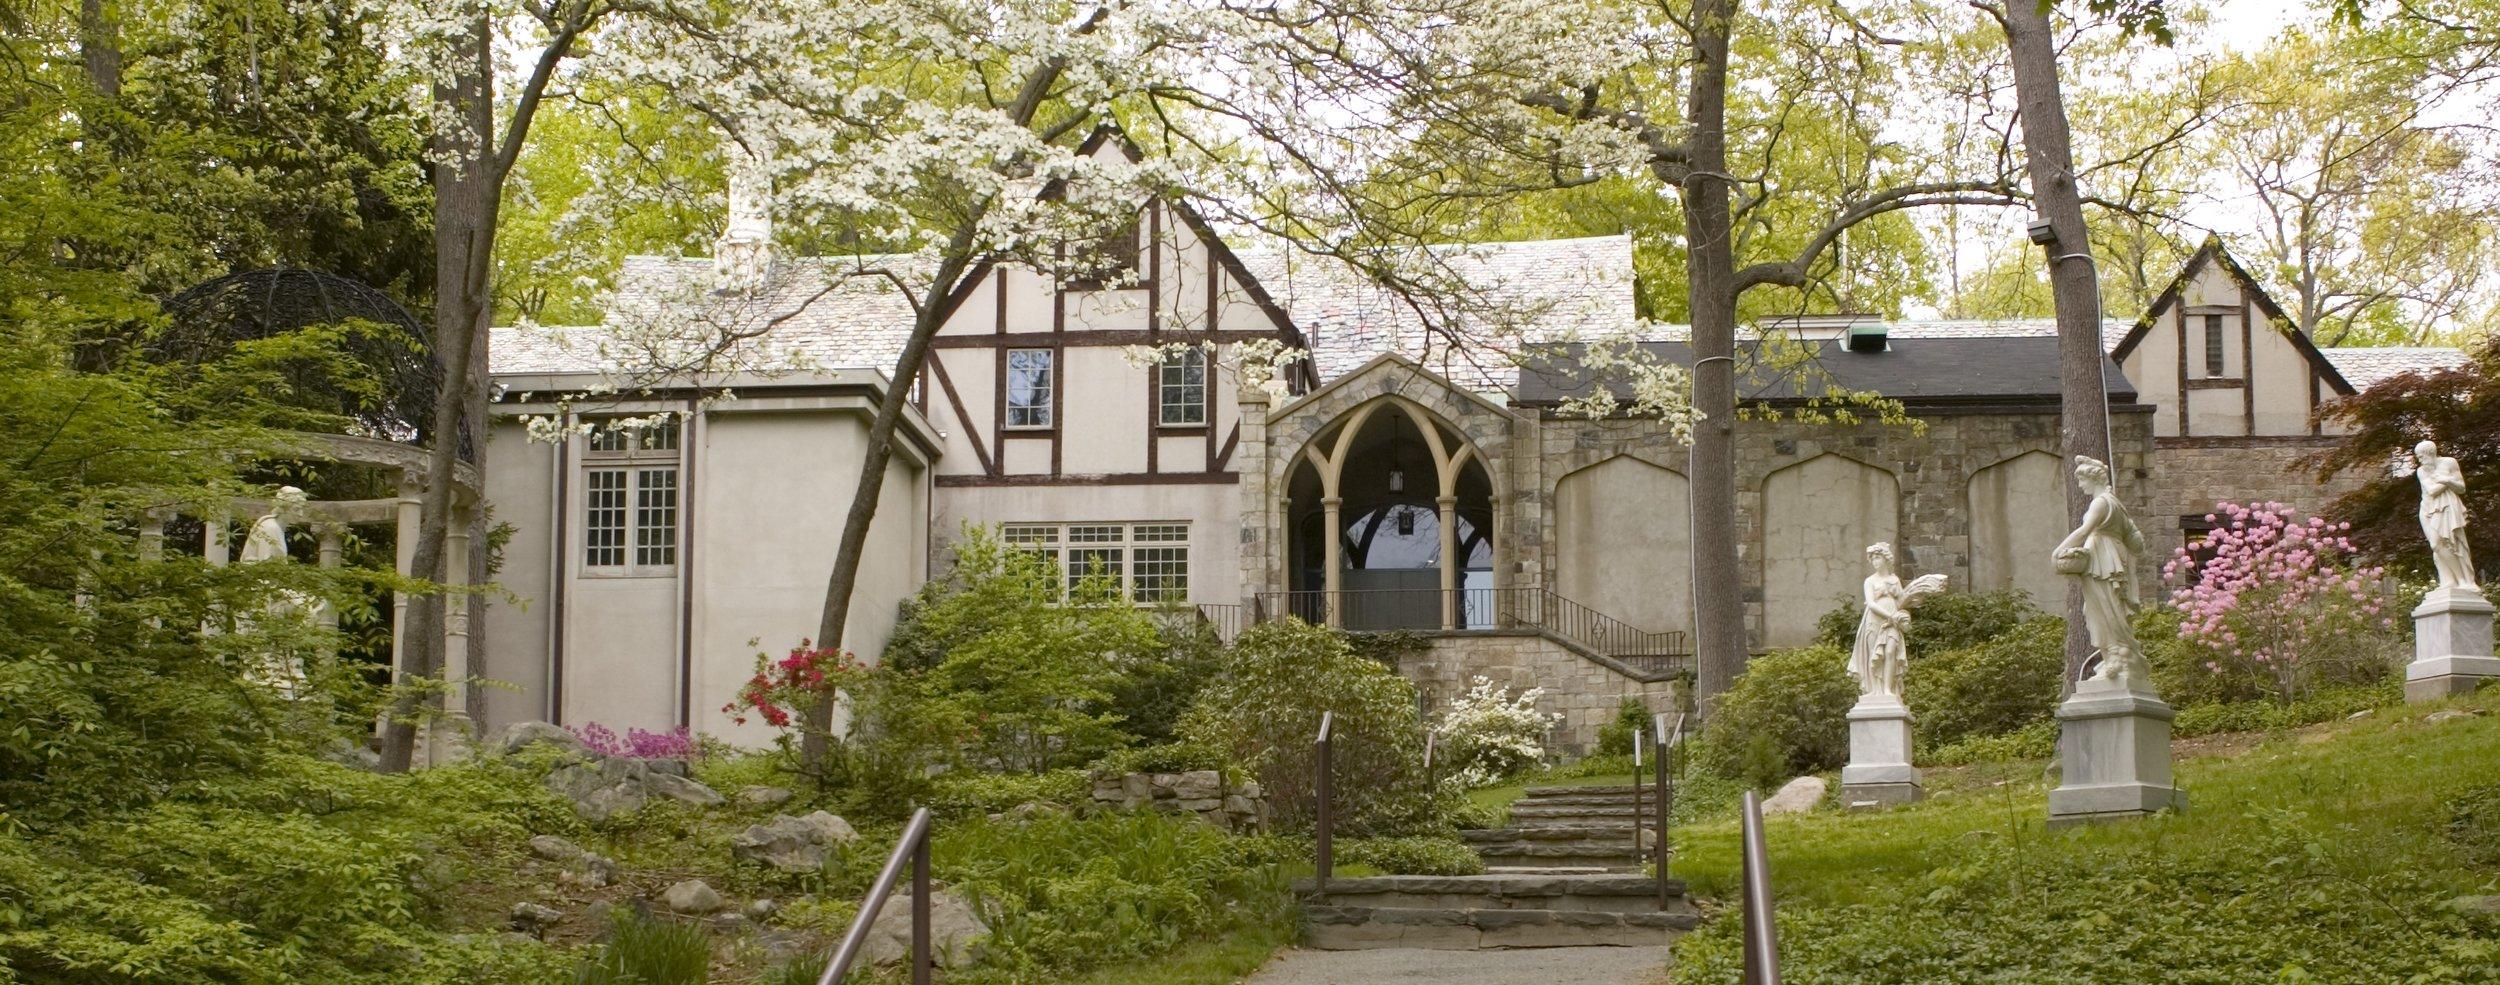 Bendel Mansion.jpg